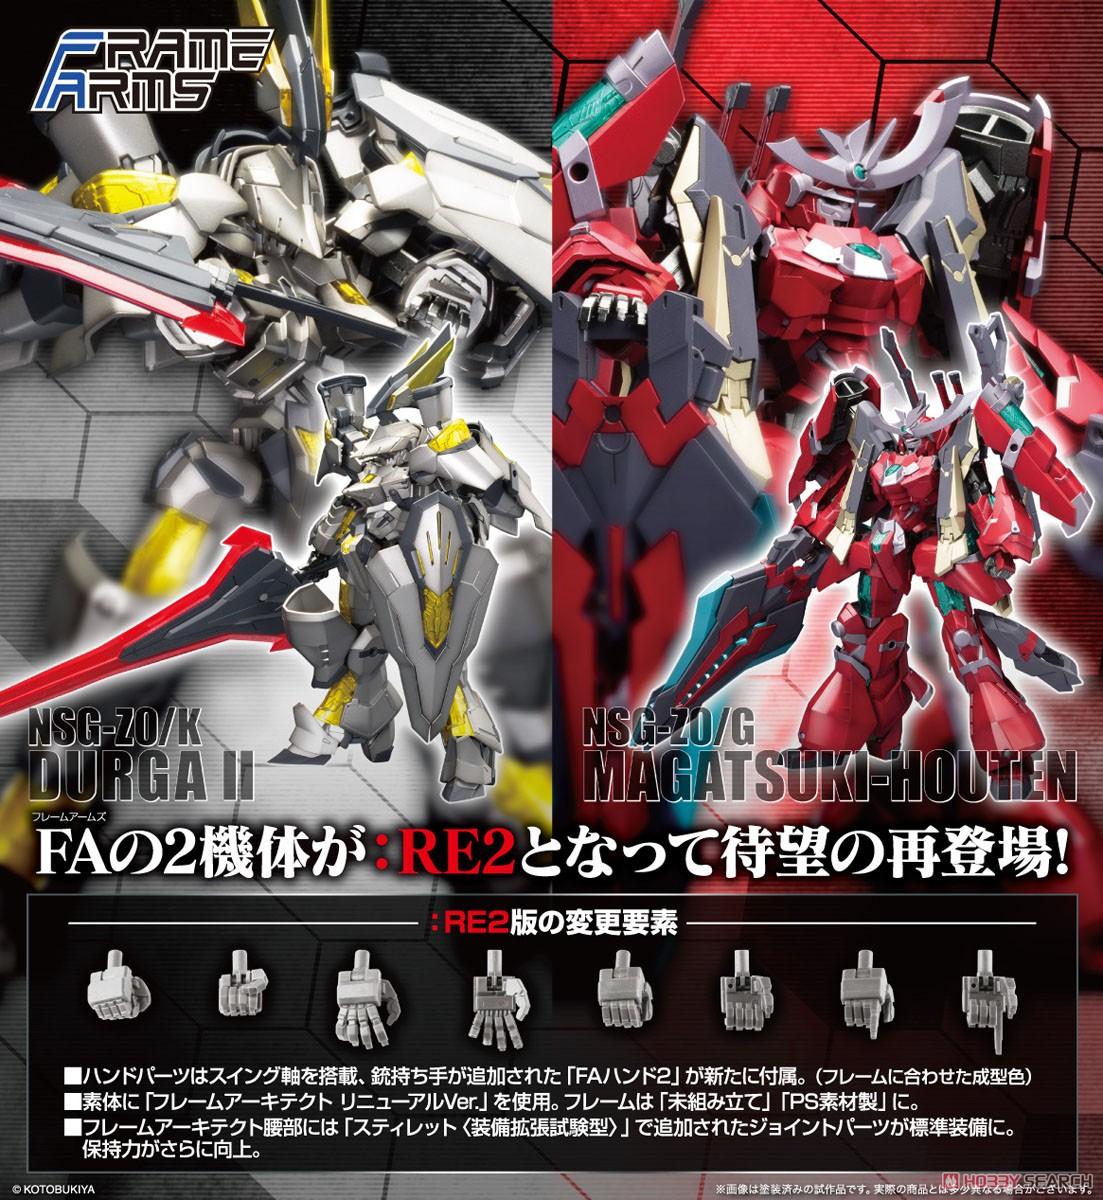 フレームアームズ『NSG-Z0/G マガツキ・崩天:RE2』1/100 プラモデル-010